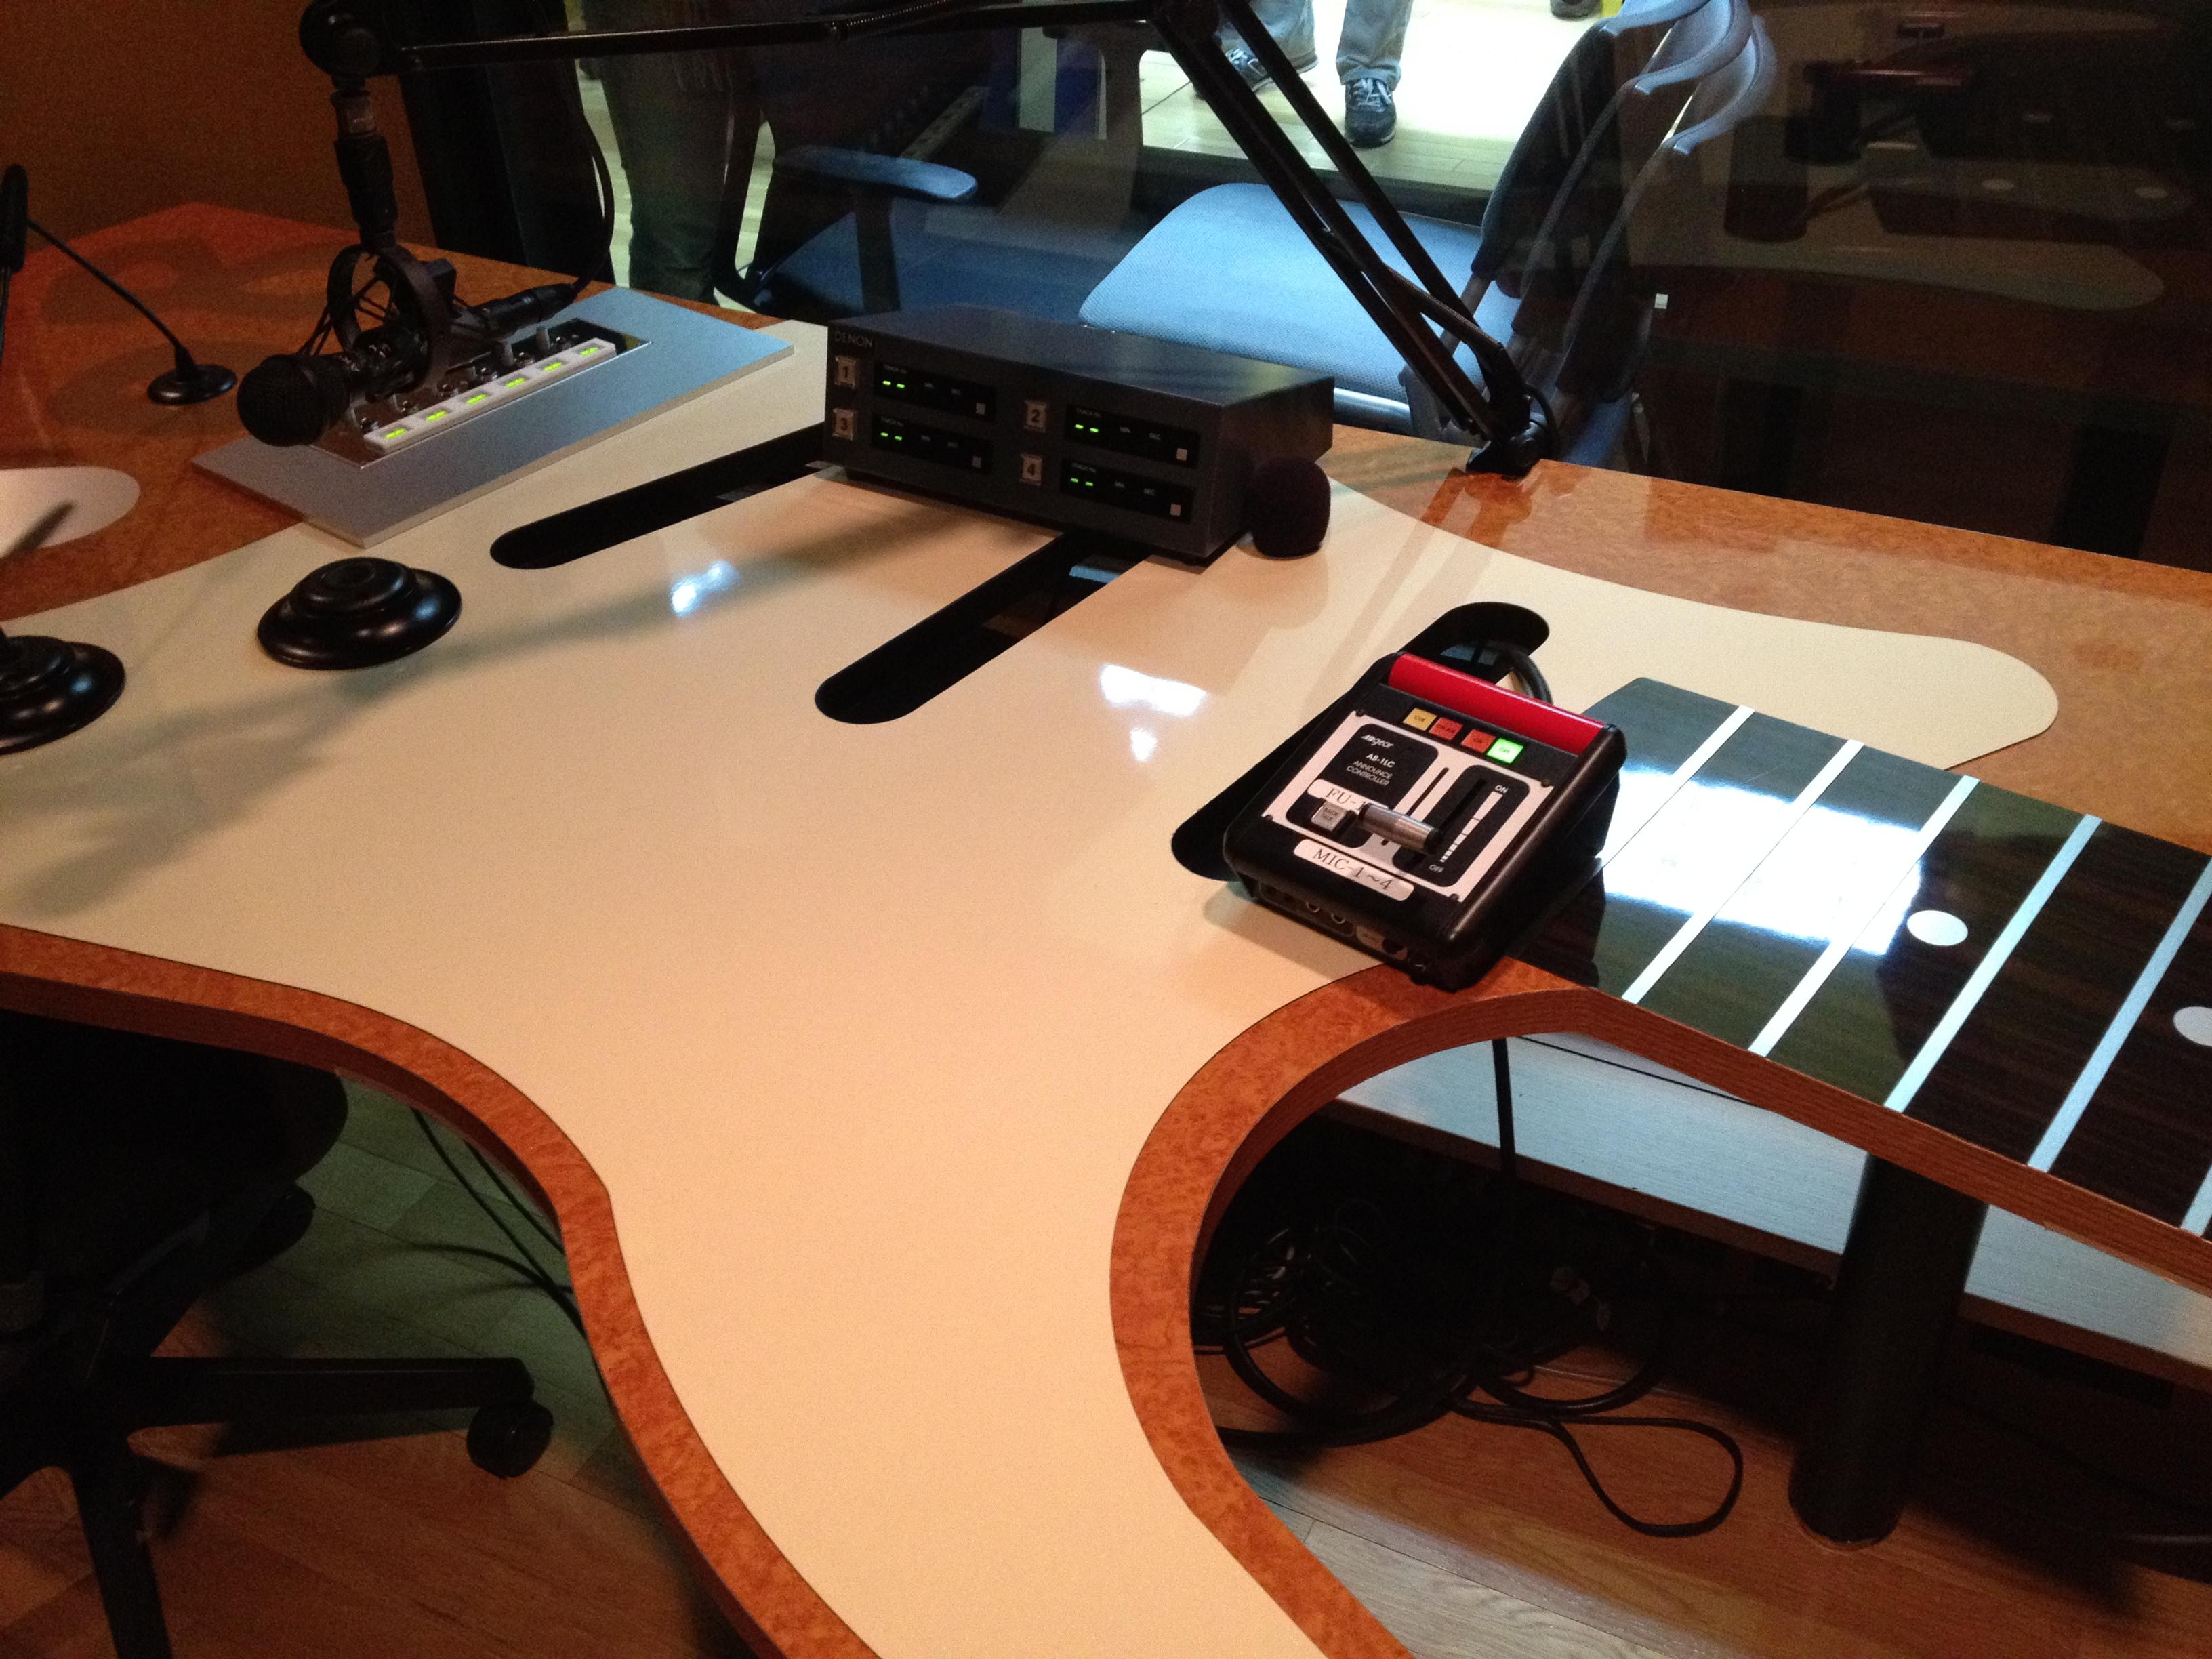 FM802スタジオブース。802はFMを再定義した